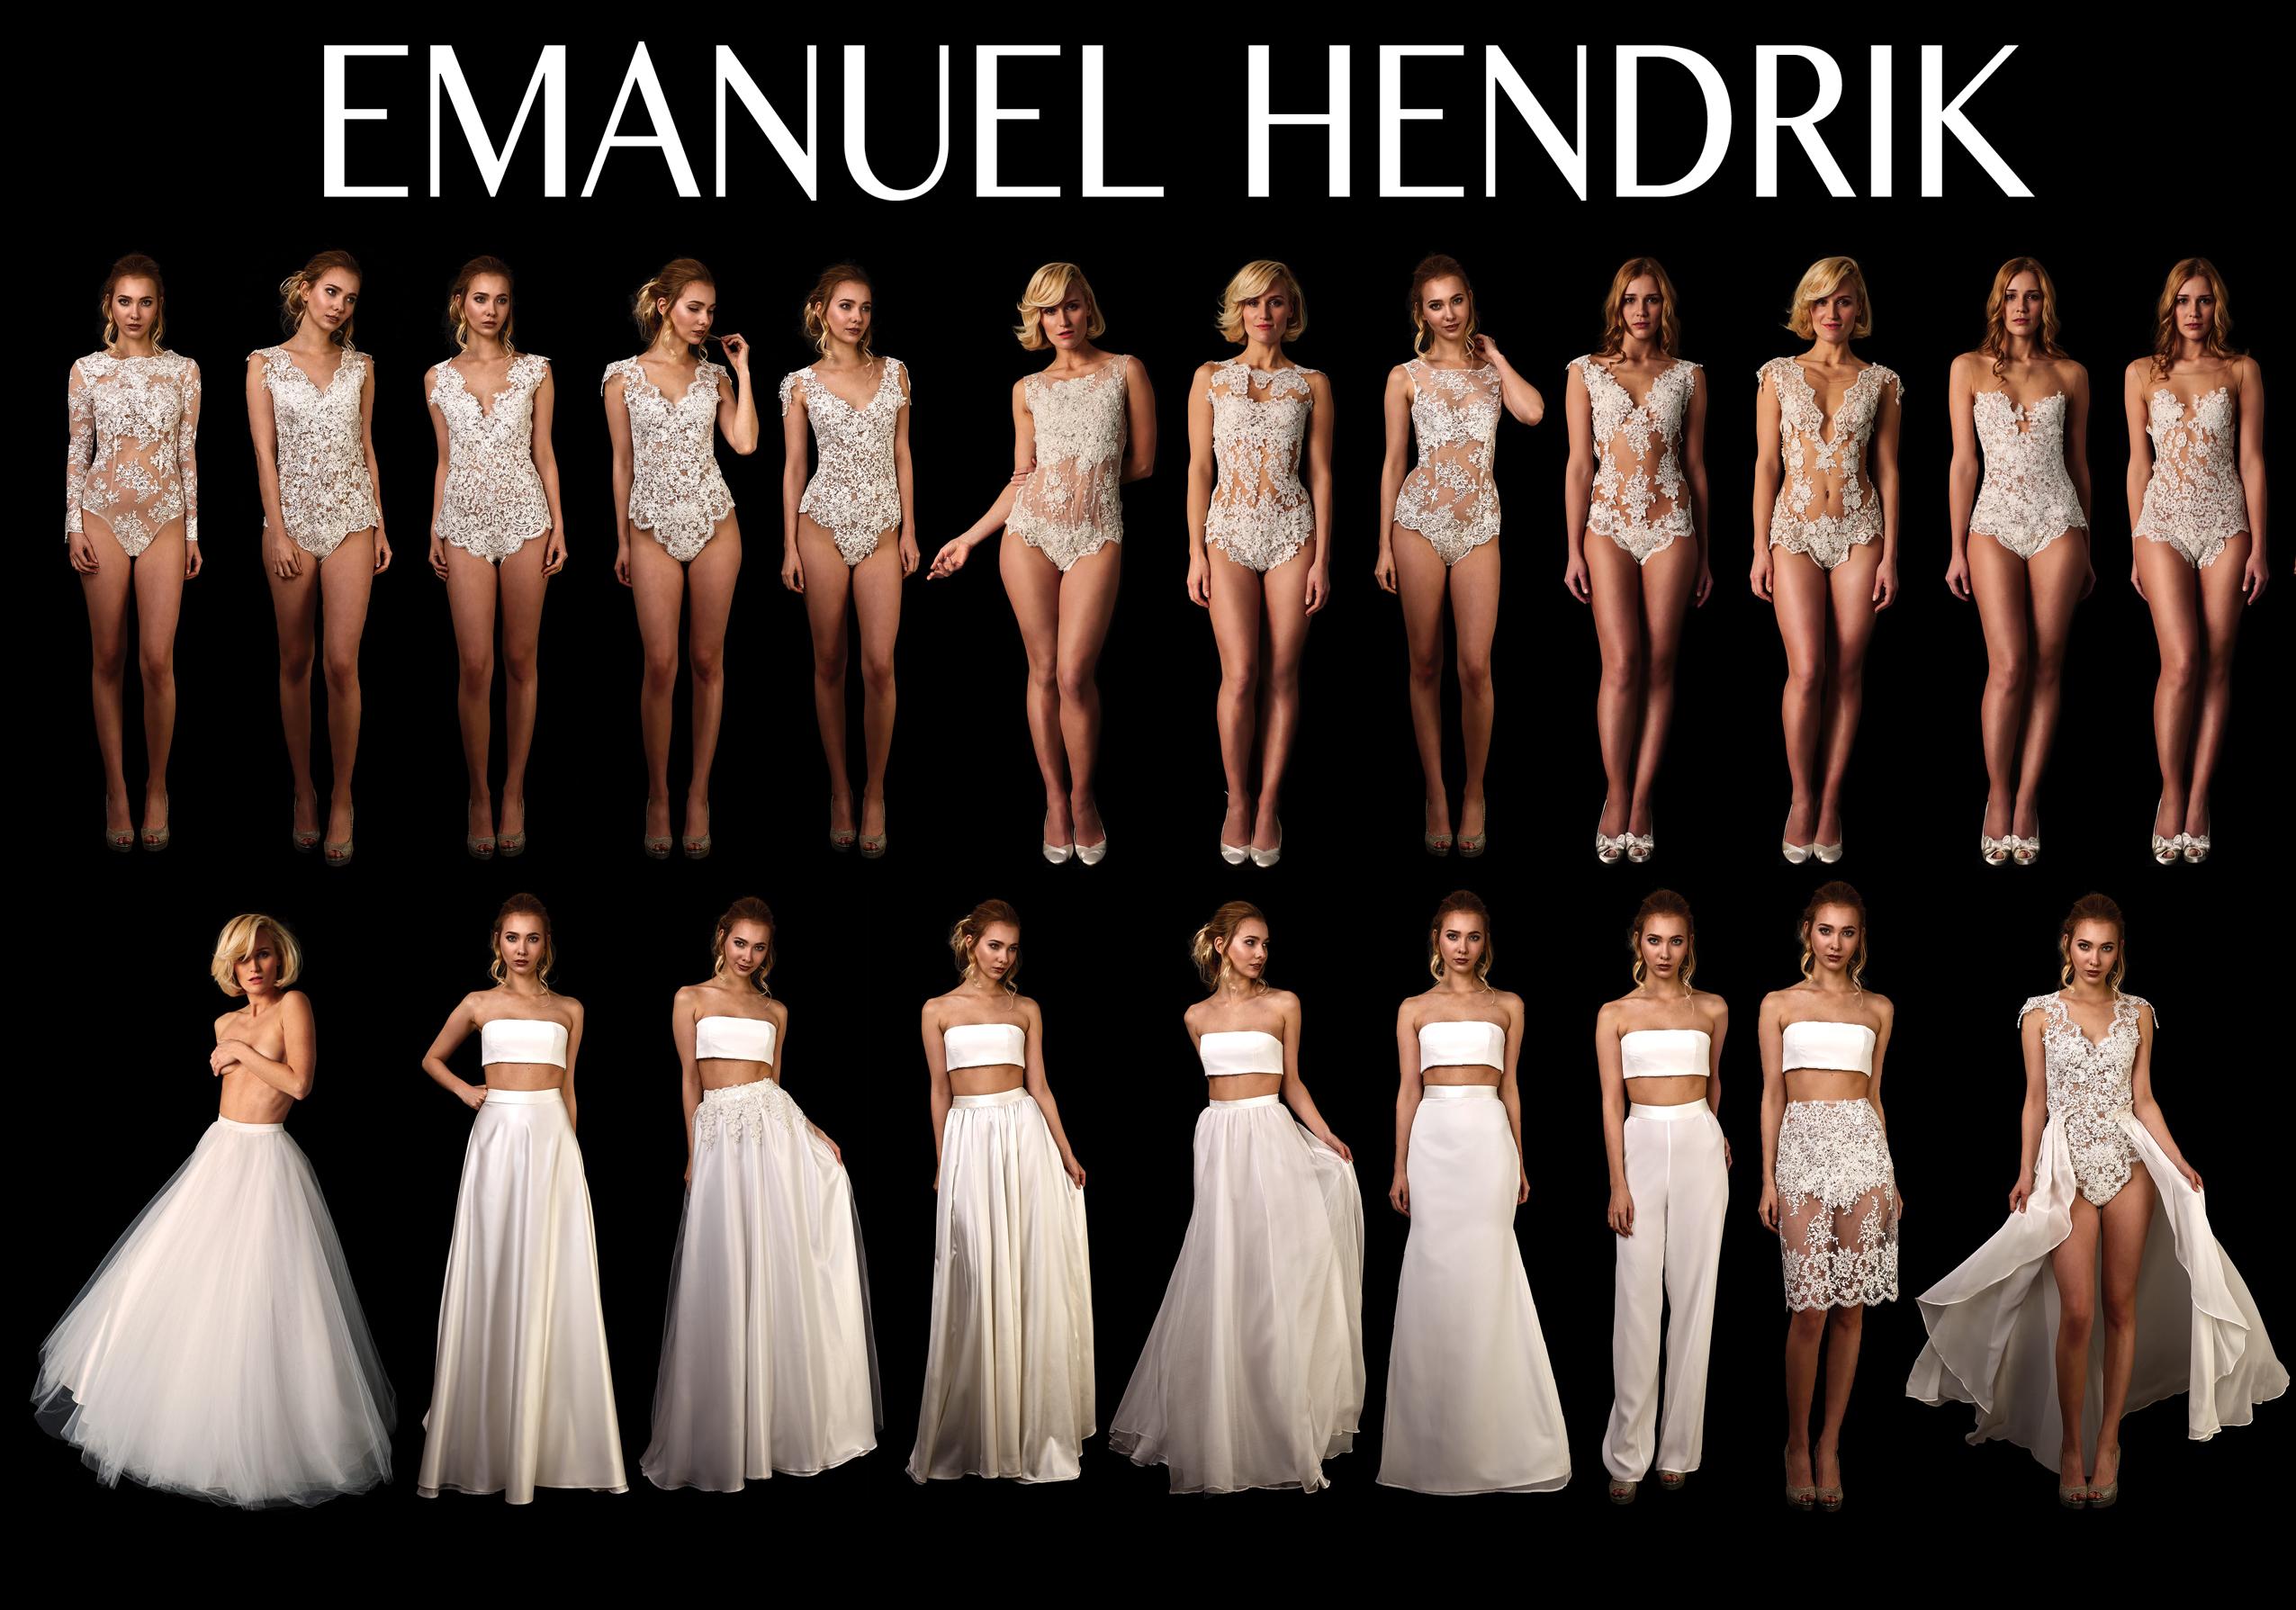 emanuel hendrik | design dein eigenes brautkleid mit mix